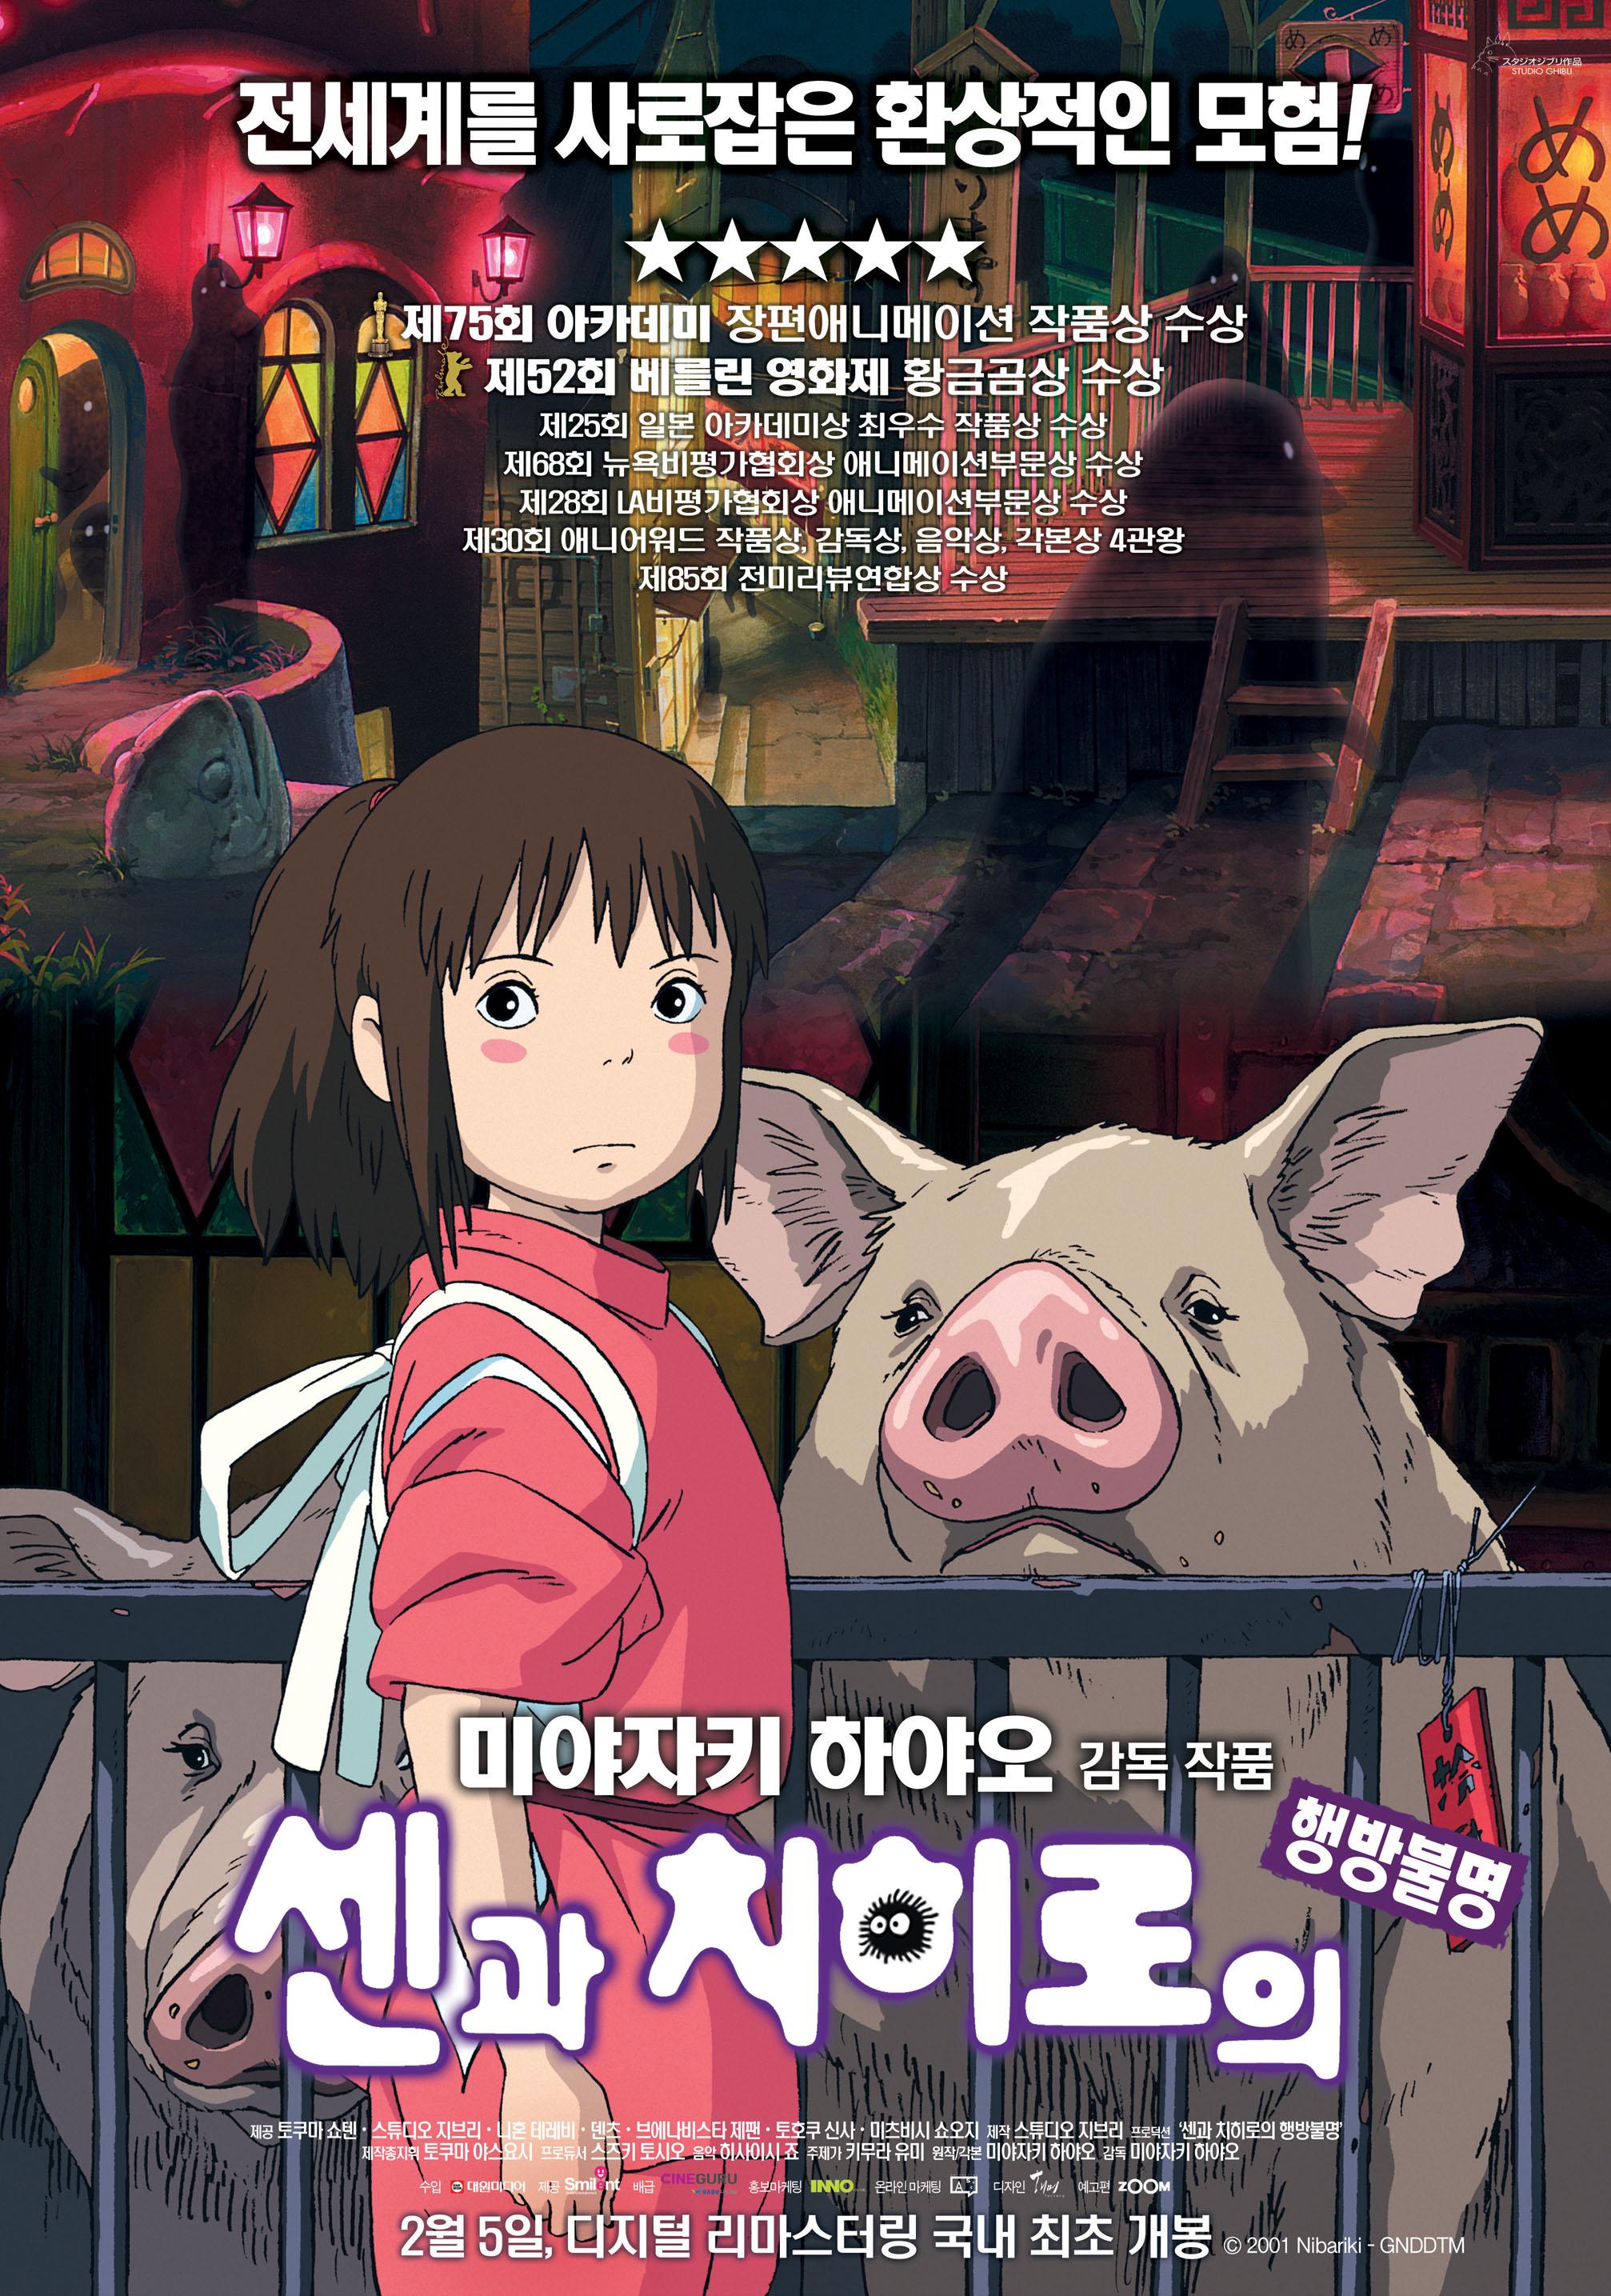 센과 치히로의 행방불명 (2001) (우리말더빙)